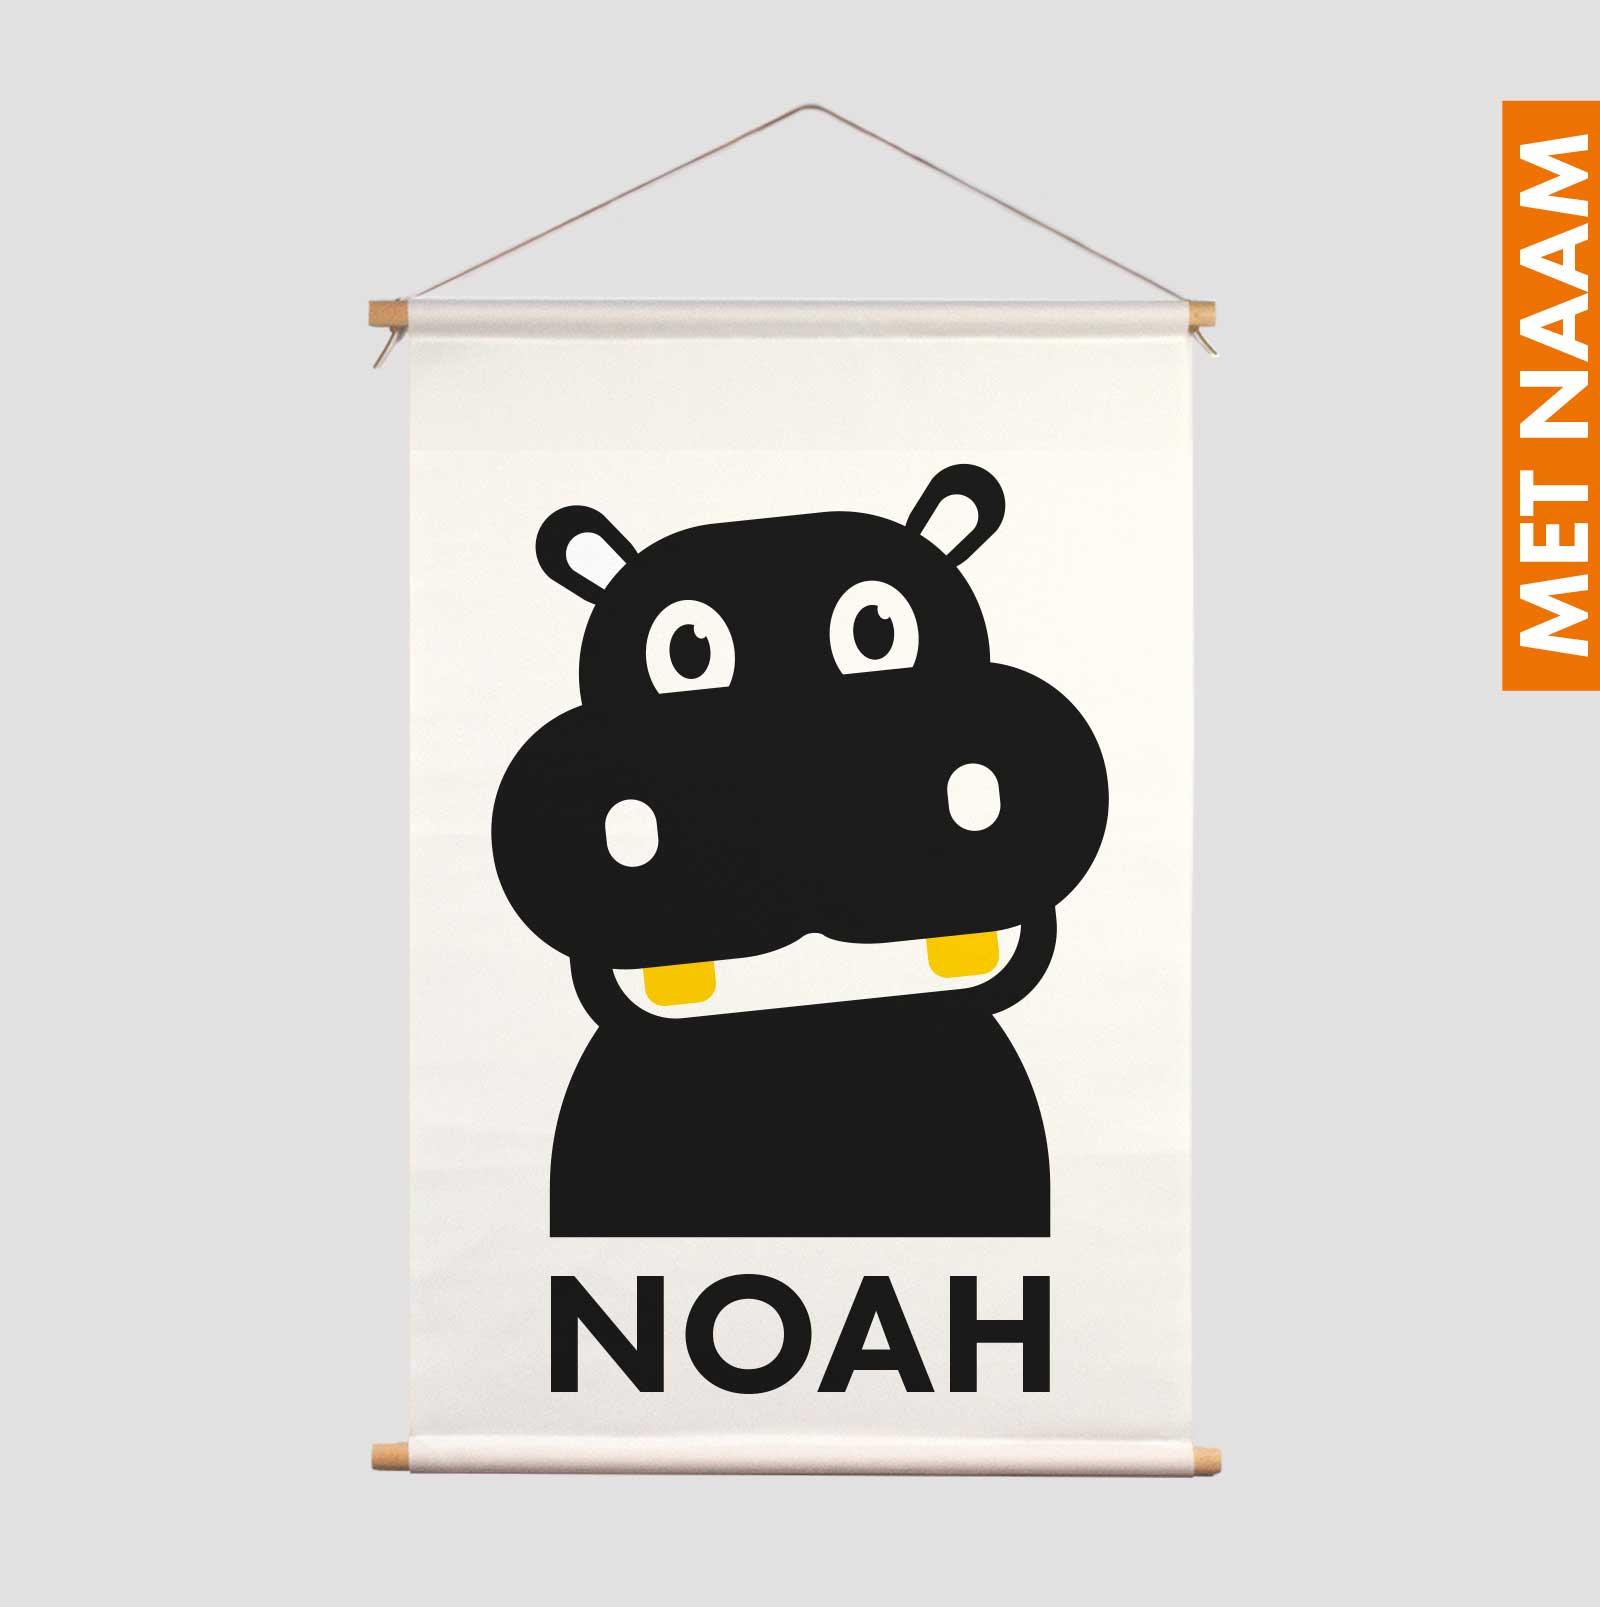 Textielposter gepersonaliseerd met naam Noah zwart-wit print aapje Pie Hippo t'amo nijlpaard zwart wit kraamcadeau jungle decoratie kinderkamer